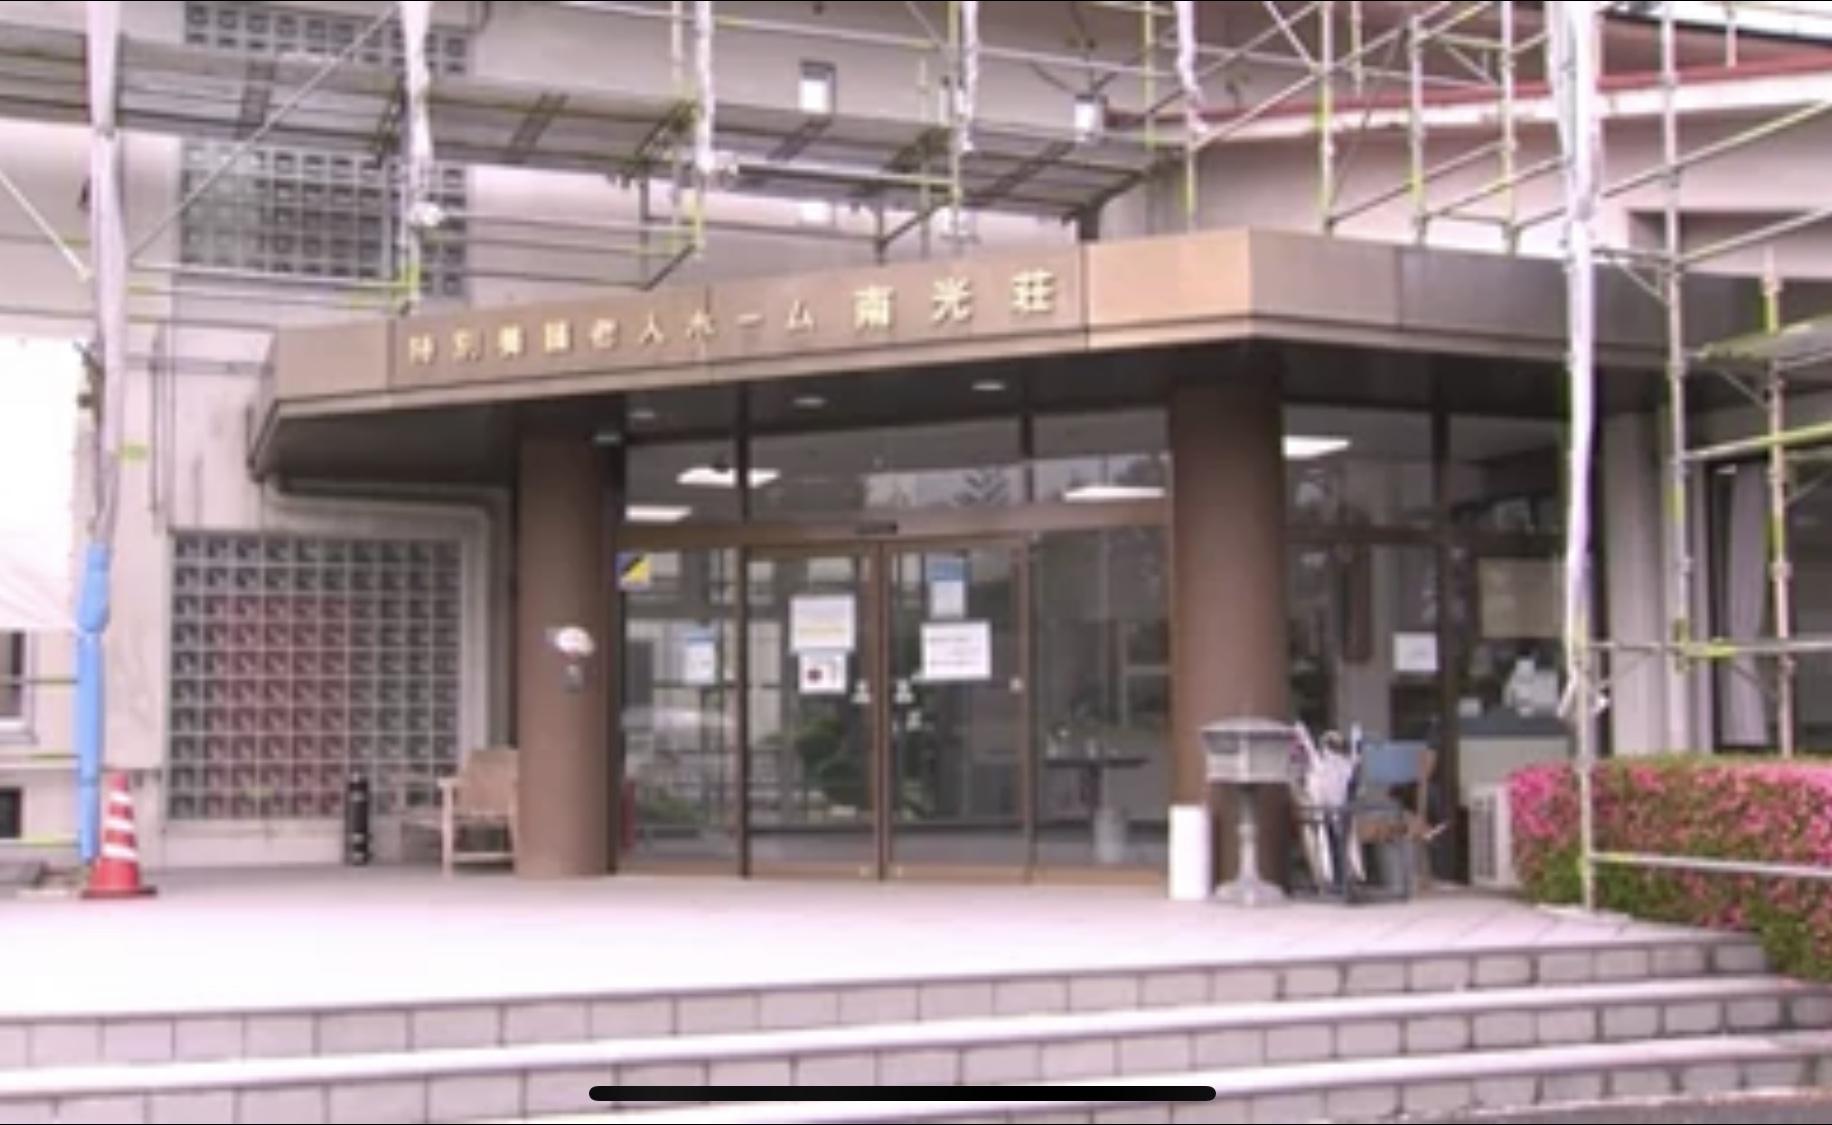 央视新闻客户端日本一养老院22名职员涉嫌虐待老人